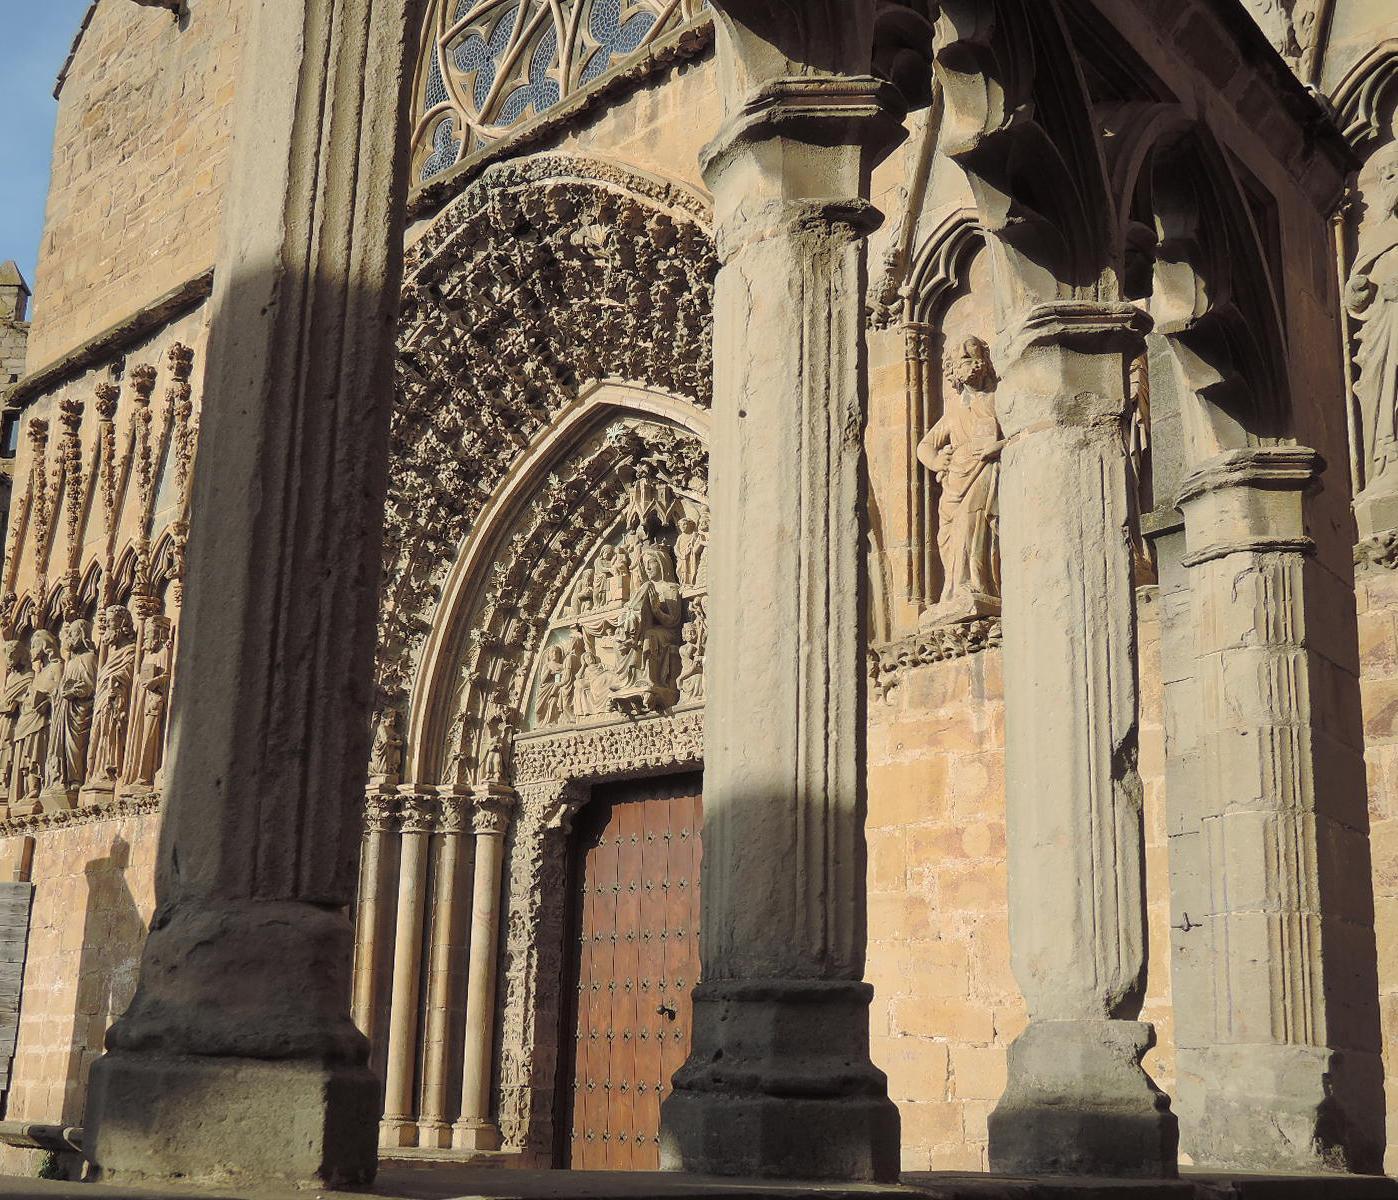 Frente de la iglesia BlaBla a través de las columnas del atrio.